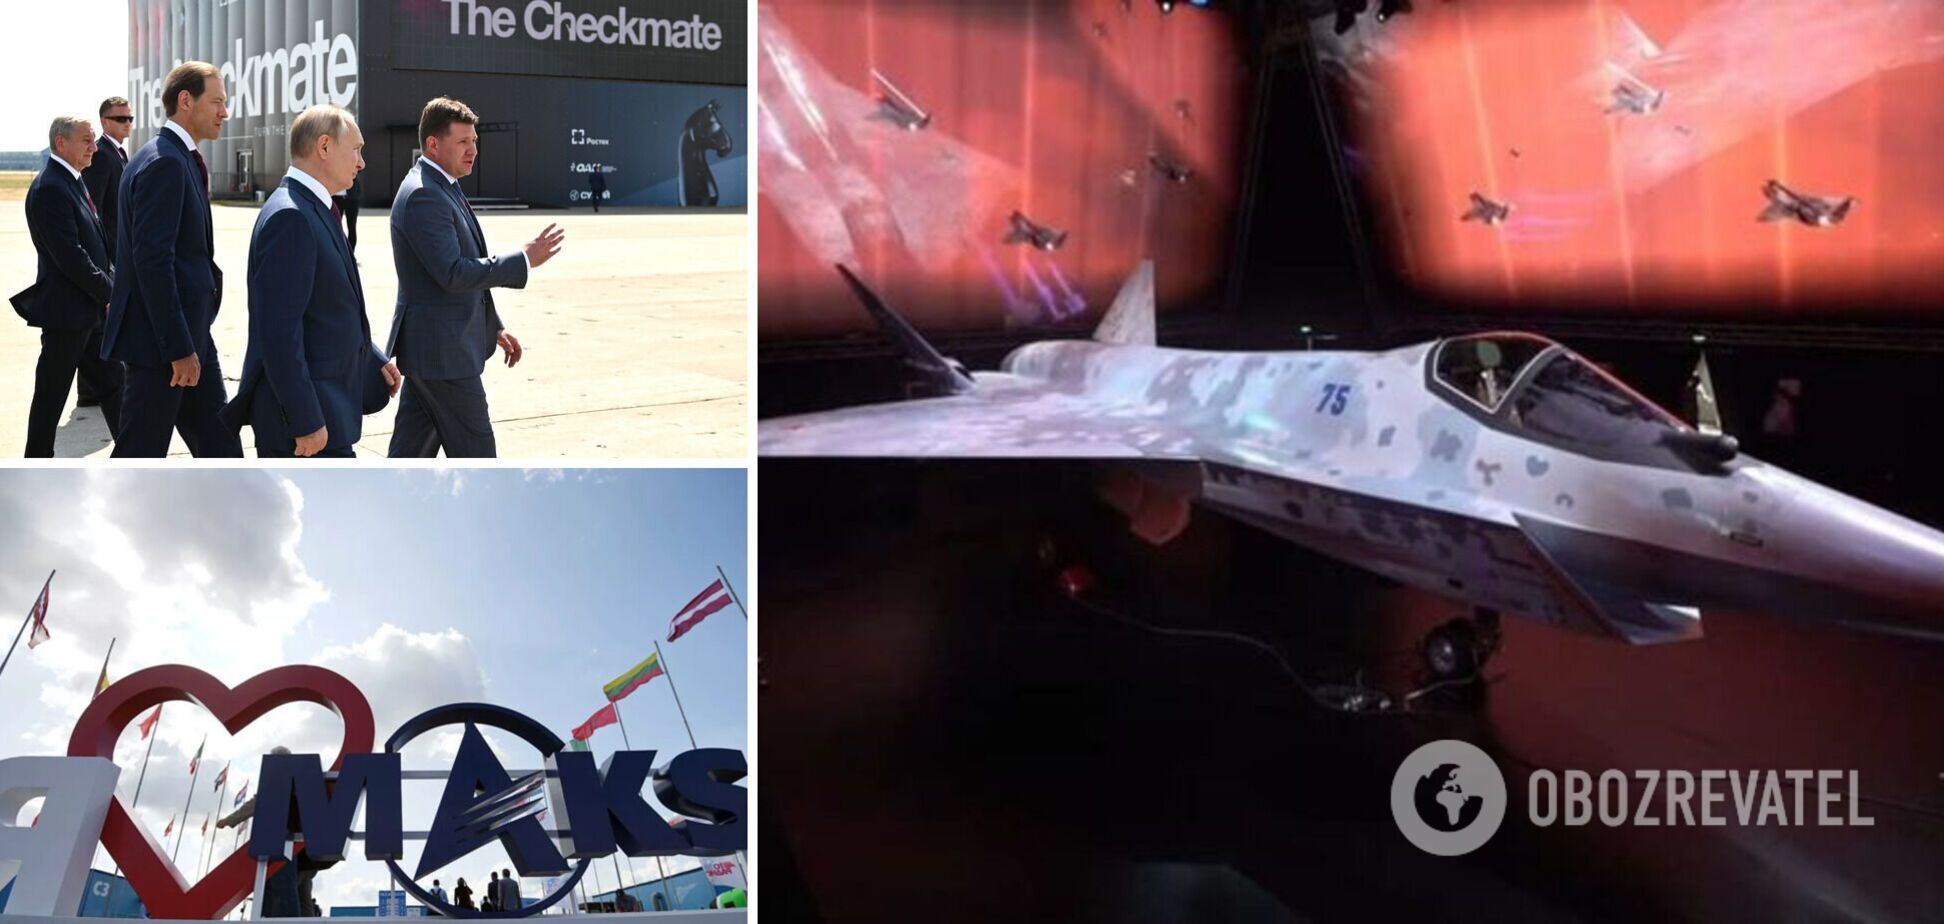 Захід розкритикував новітній російський літак Checkmate: як він виглядає. Відео